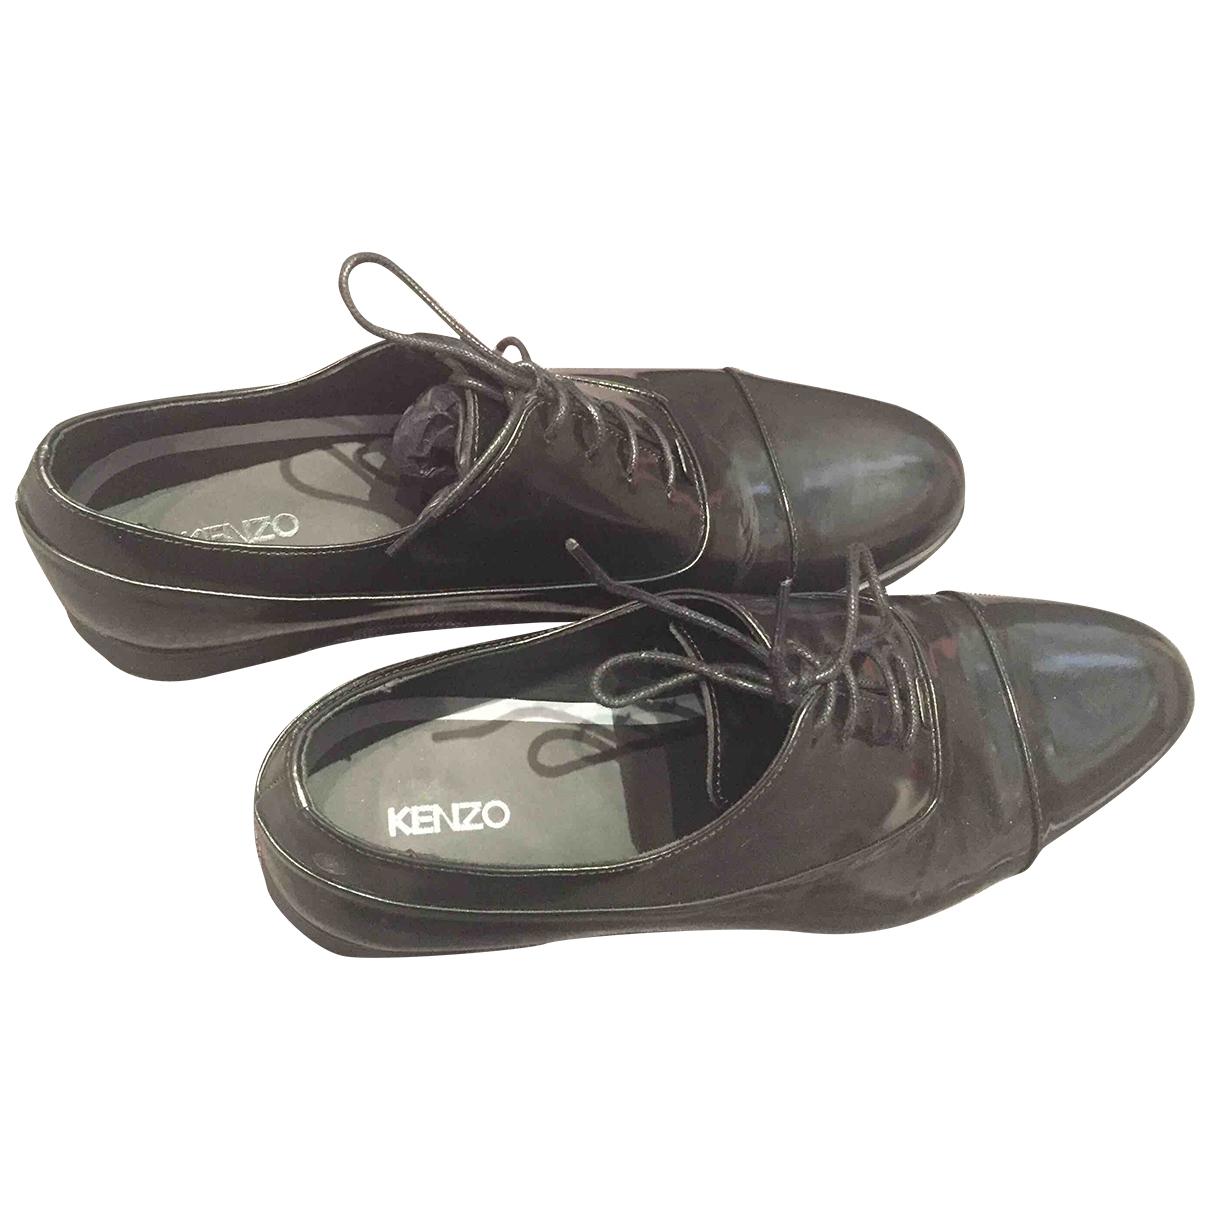 Kenzo - Derbies   pour homme en cuir - noir